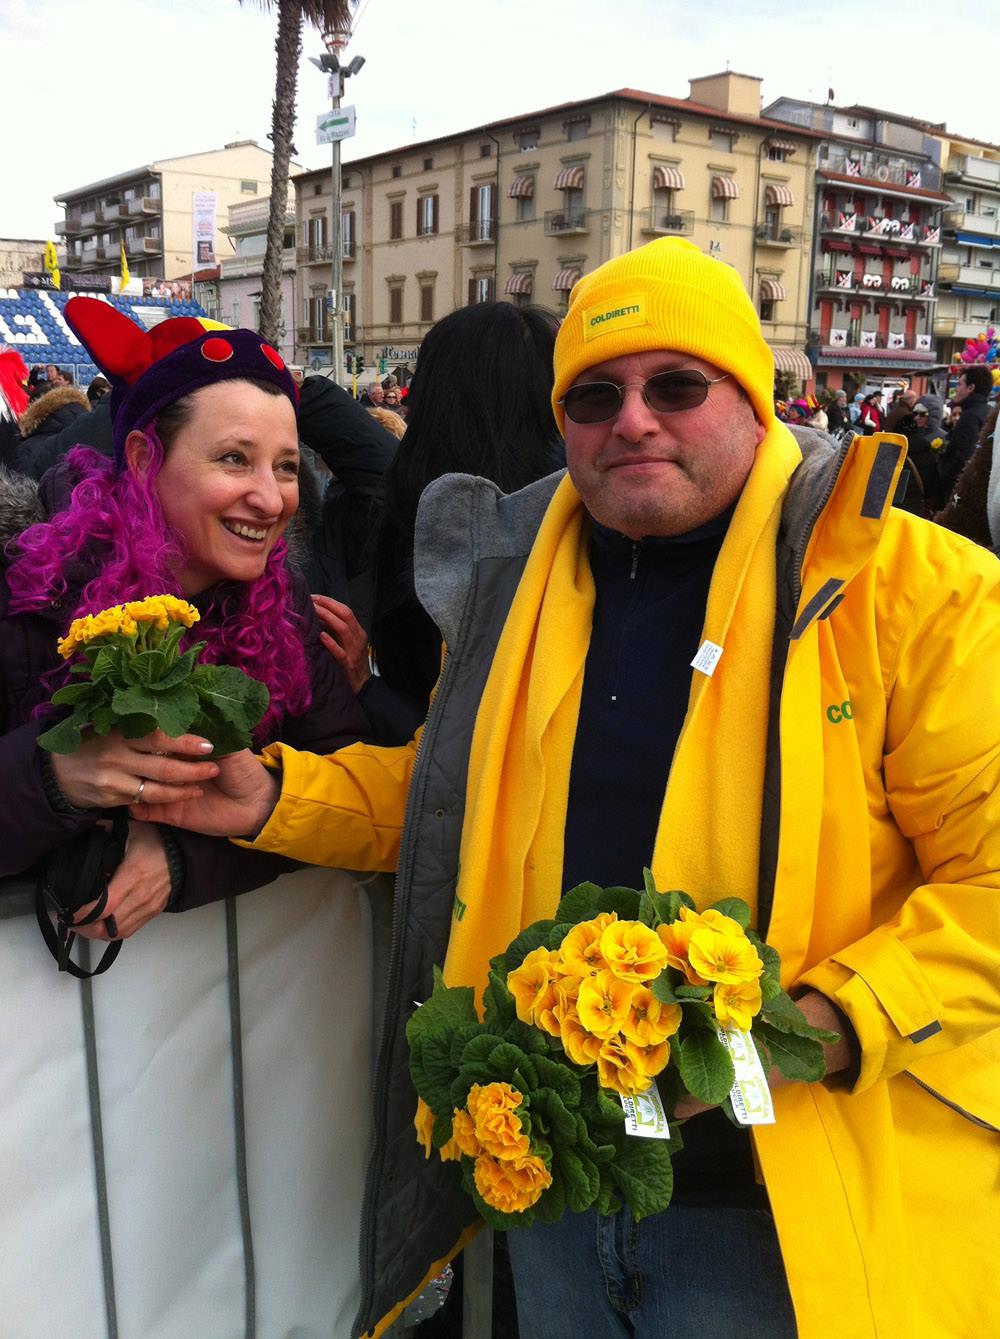 Carnevale di Viareggio, migliaia di fiori sul Martedì Grasso